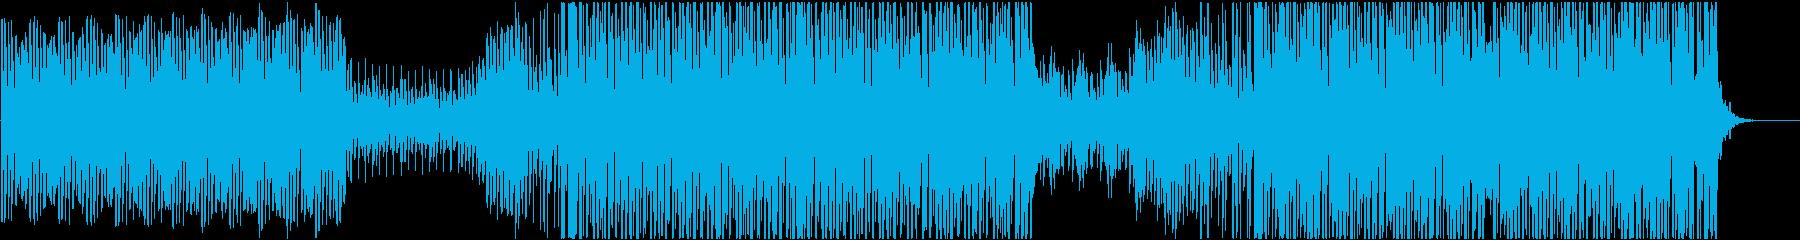 EDM おしゃれなエレクトロスウィングの再生済みの波形